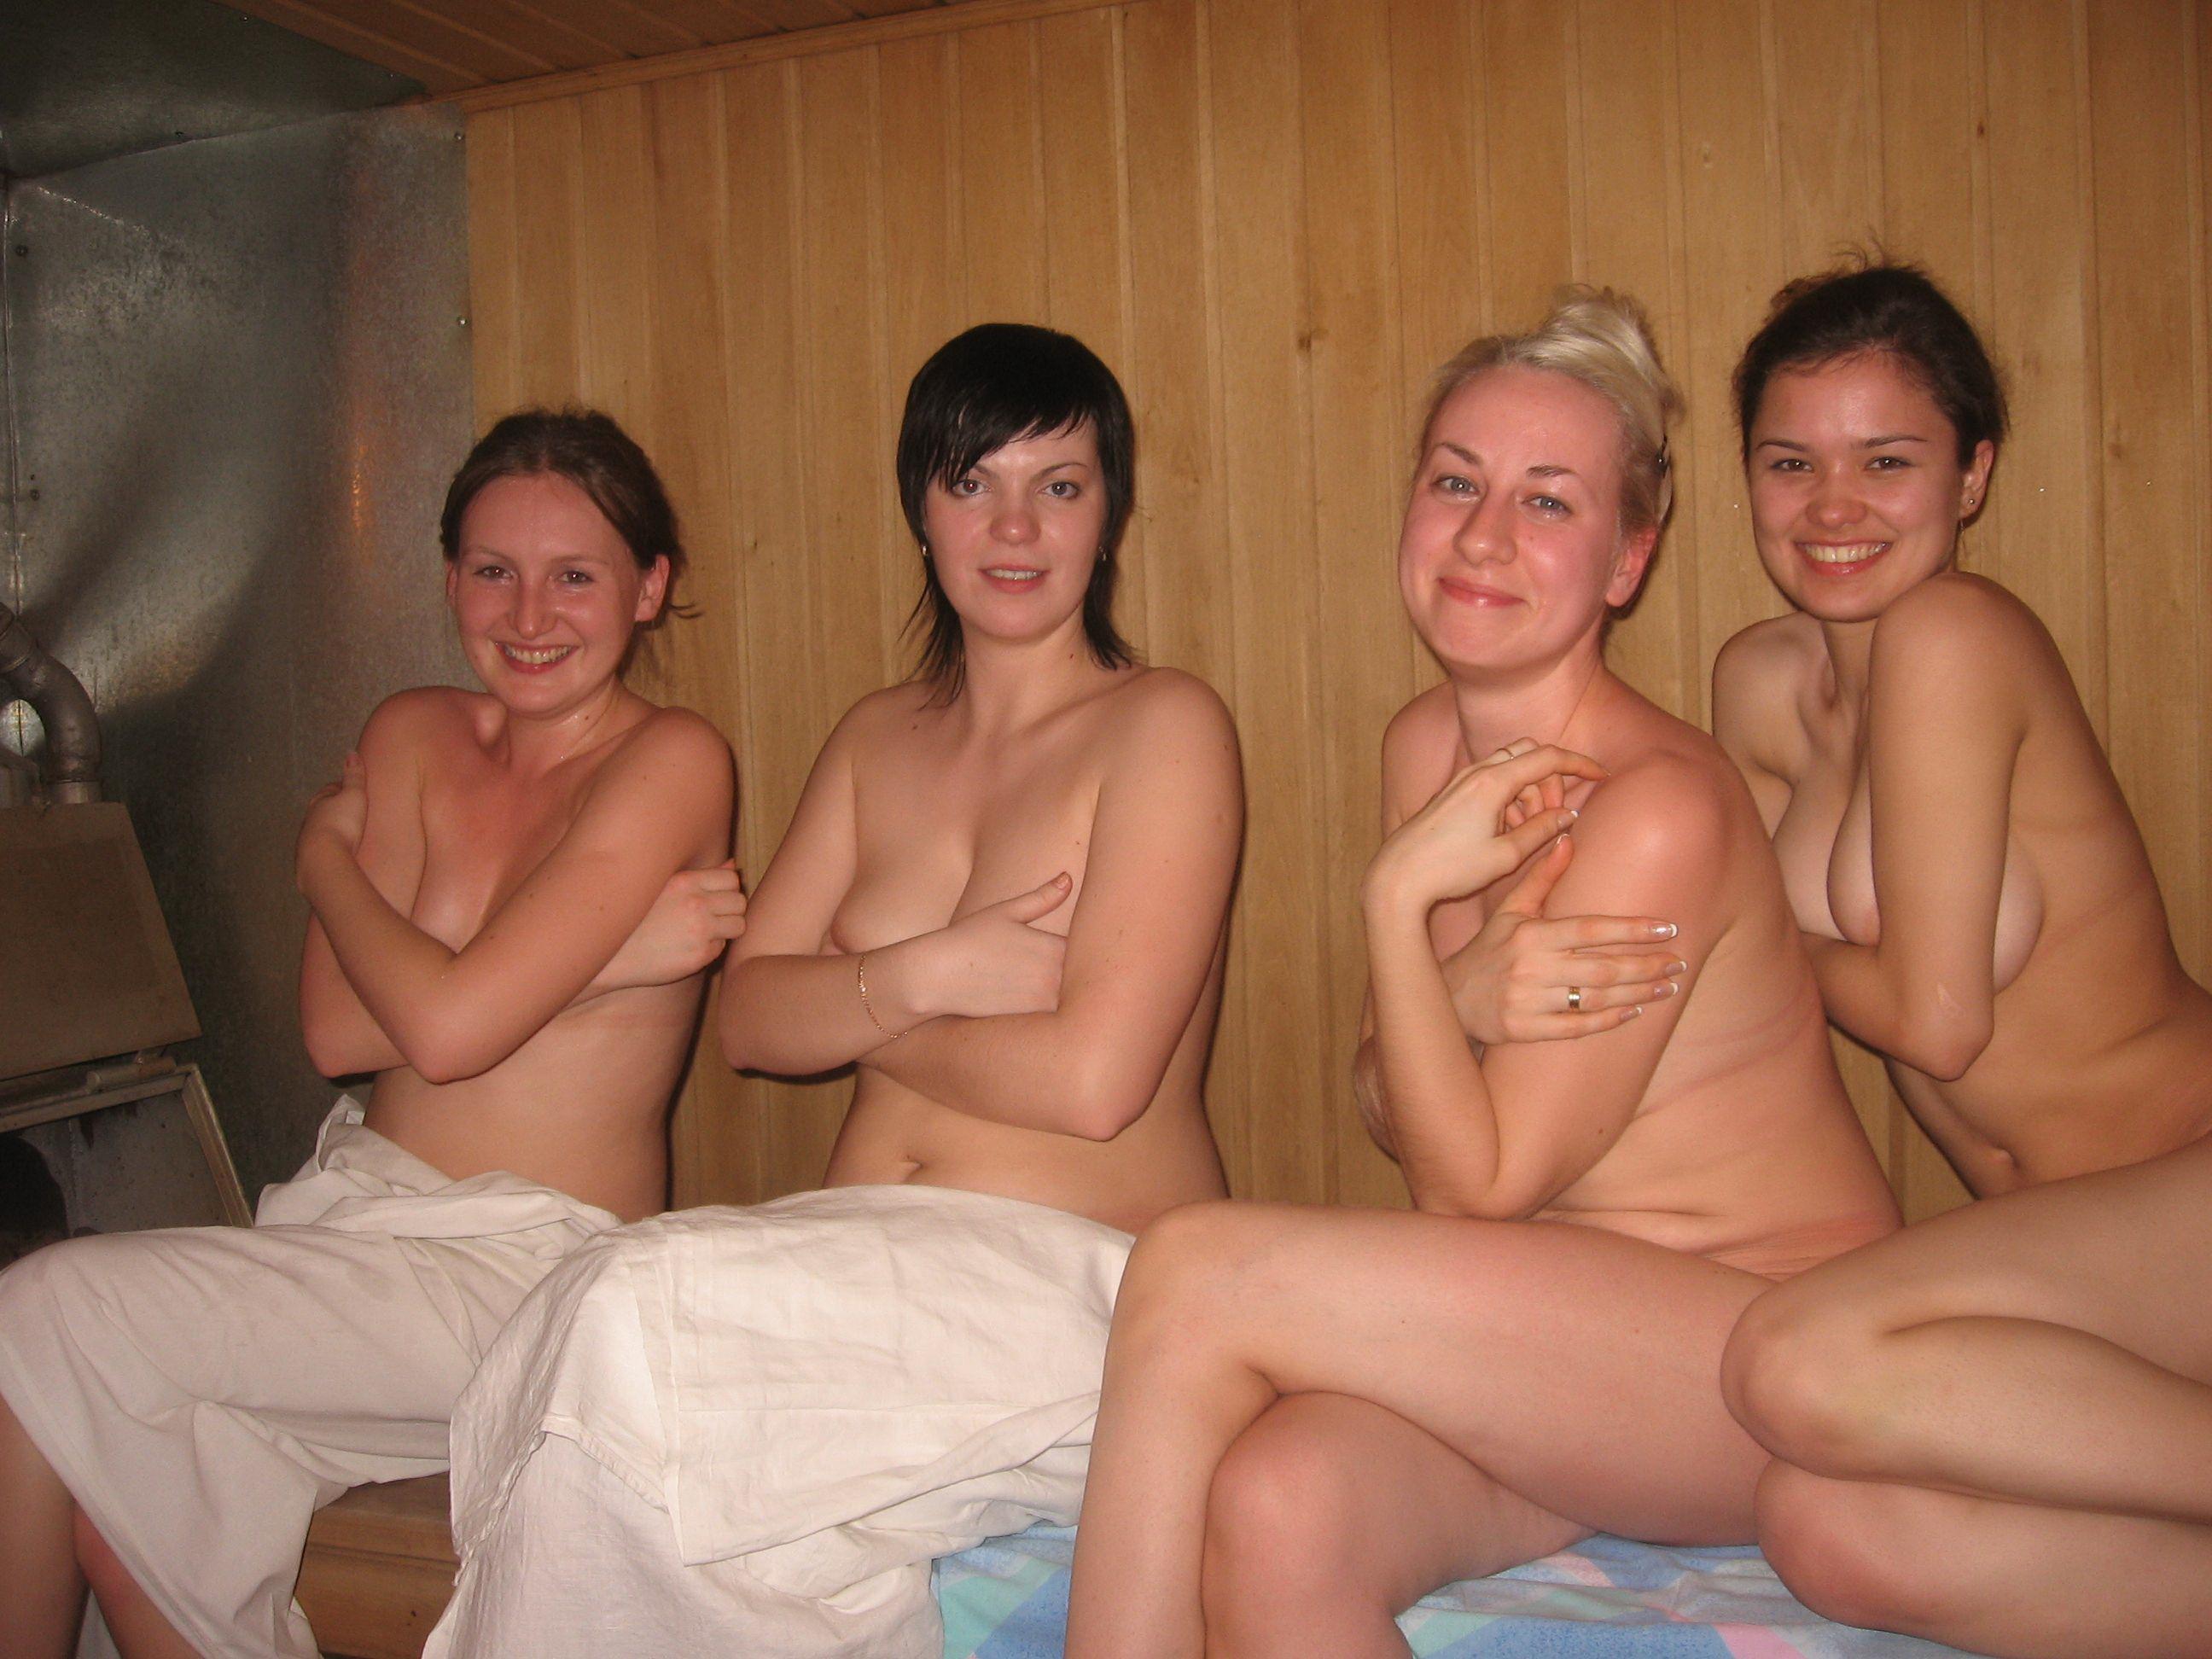 семейный секс нудизм в бане